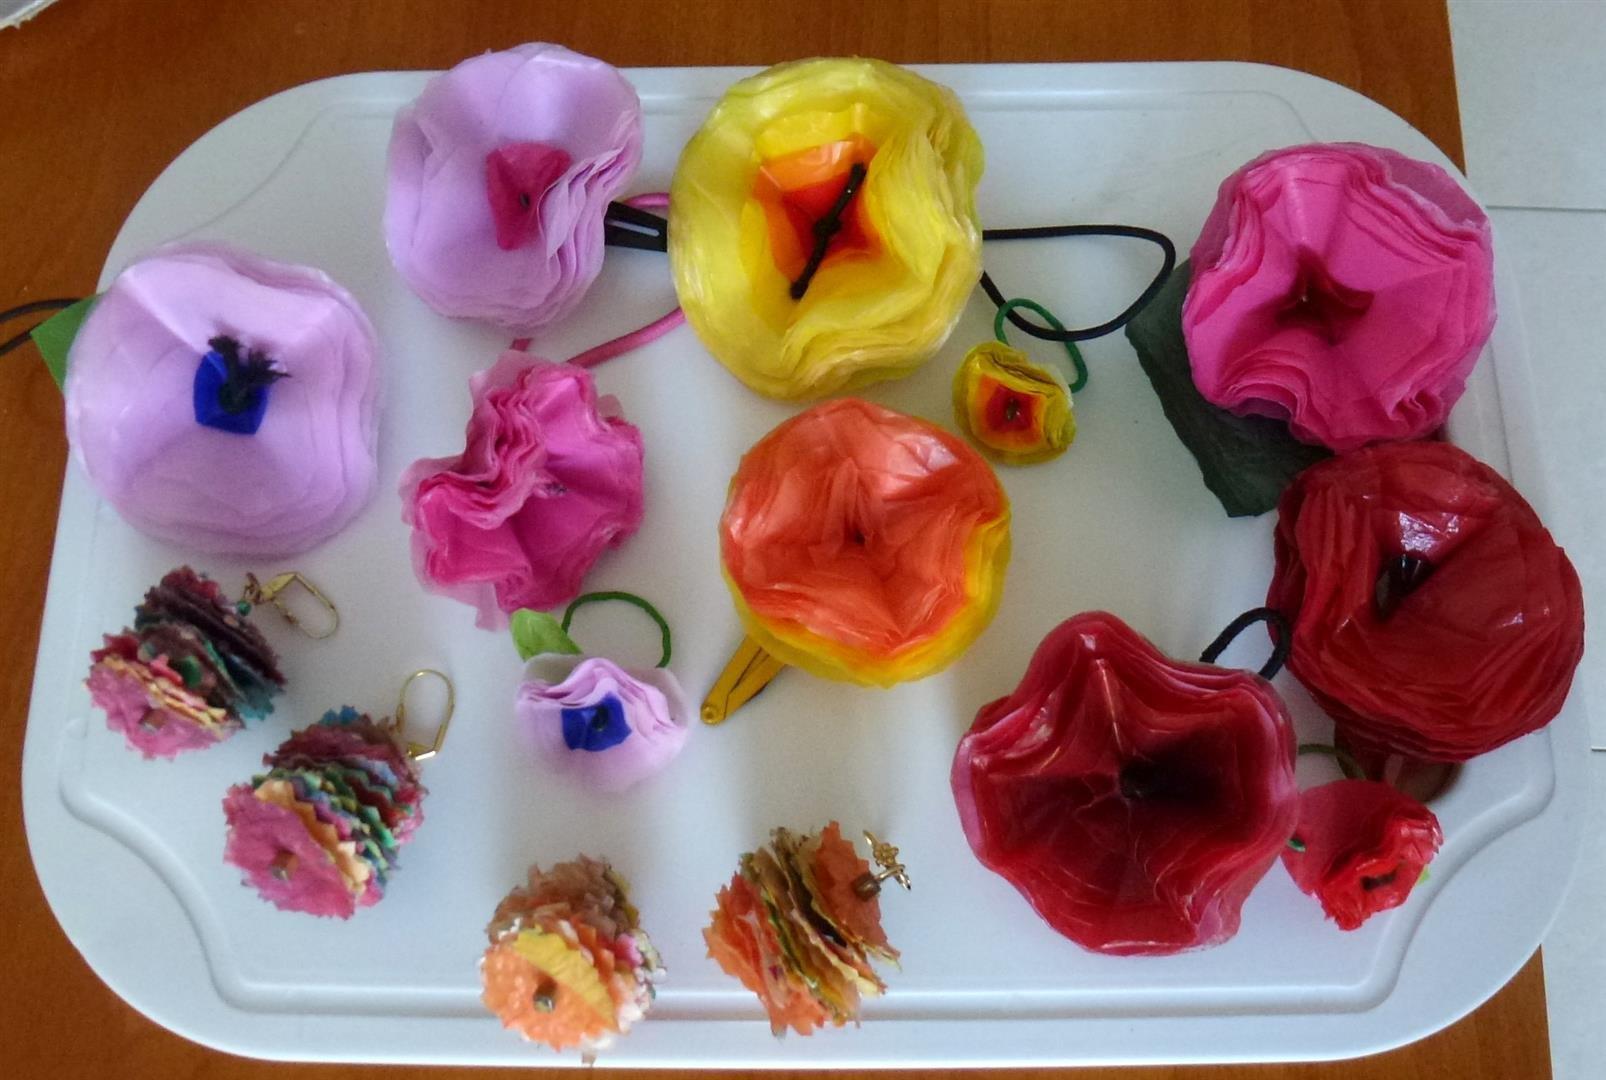 איזה צבעוניות ויופי בפרחים ותכשיטים משקיות פלסטיק